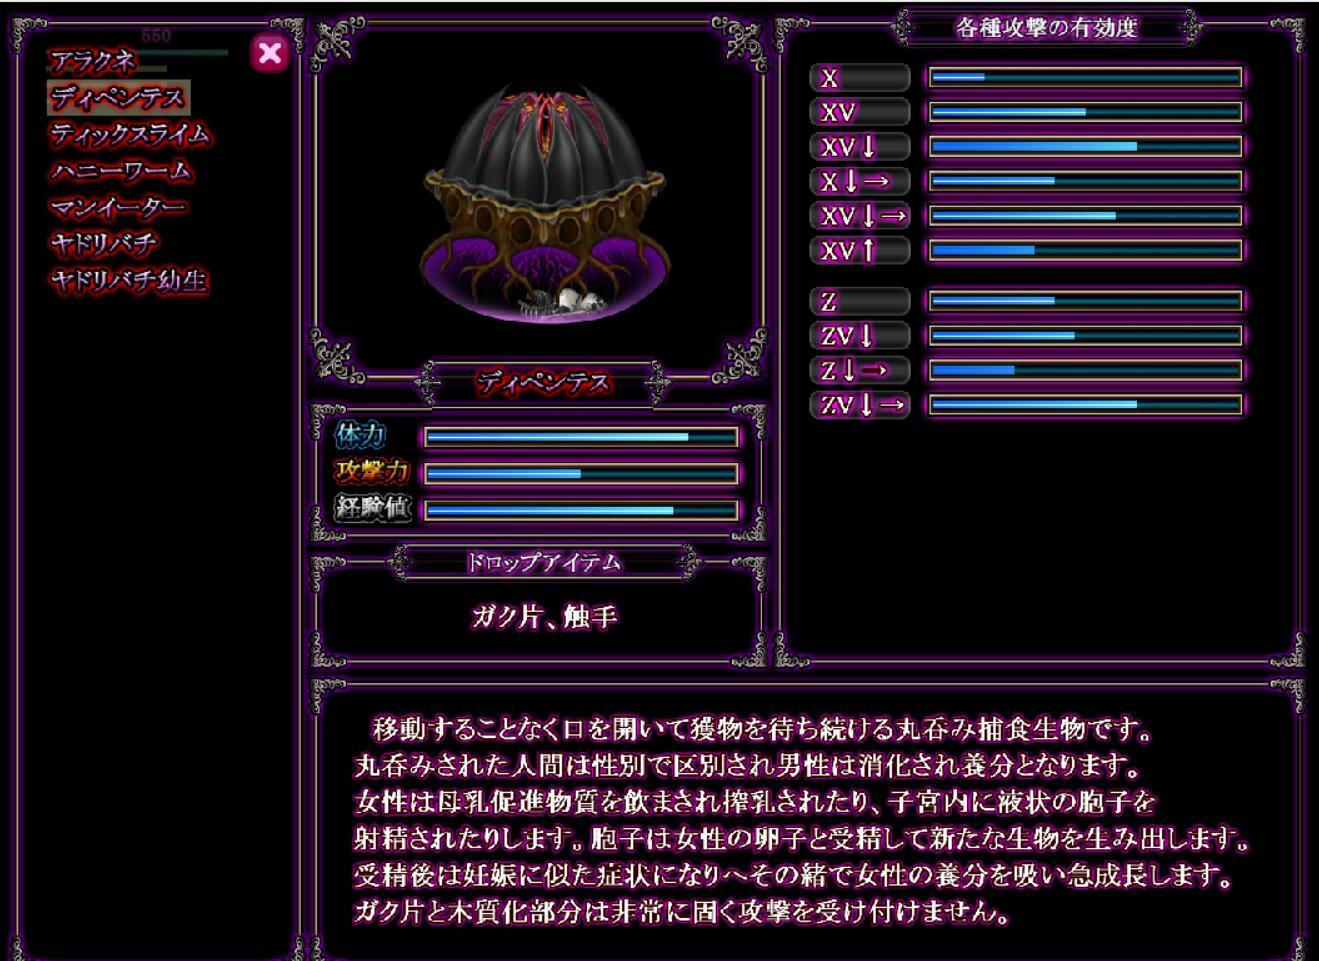 【重抠异种ACT/全动态】爱丽丝与幻惑的魔窟迷宫 V.200824/附全开存档【2G/更新/全CV】 8